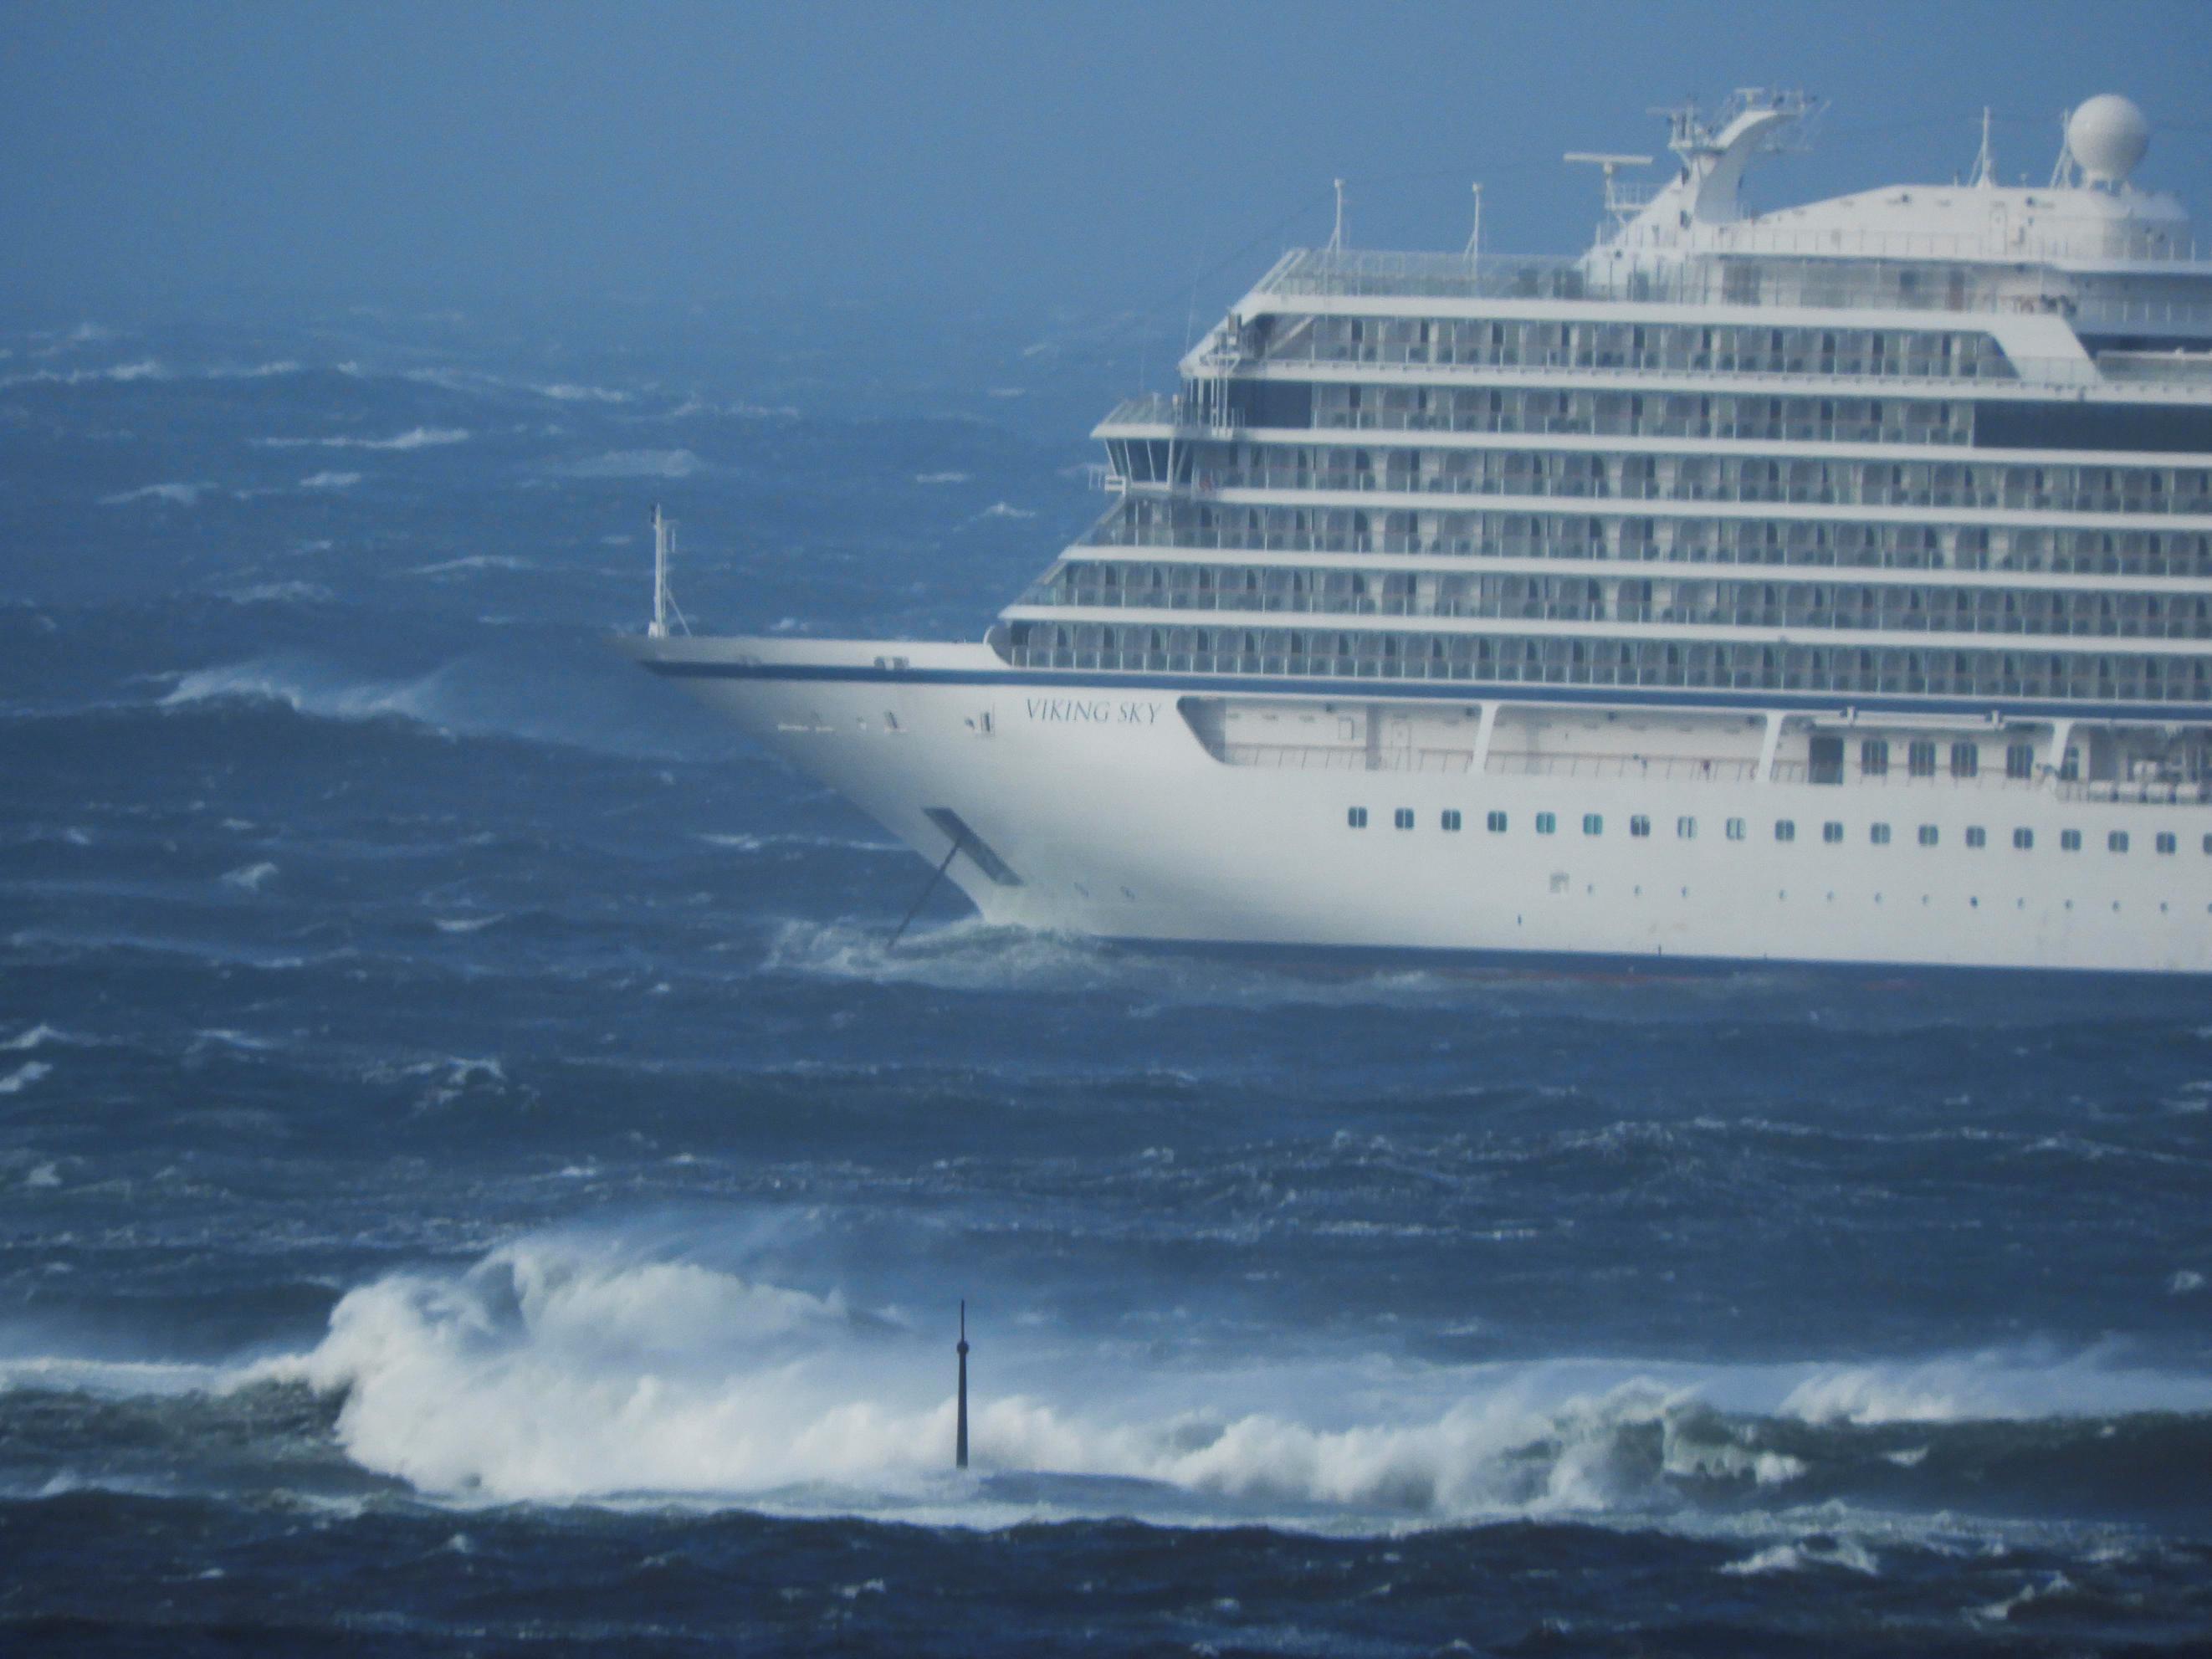 Cruzeiro com 1,3 passageiros fica à deriva no mar da Noruega